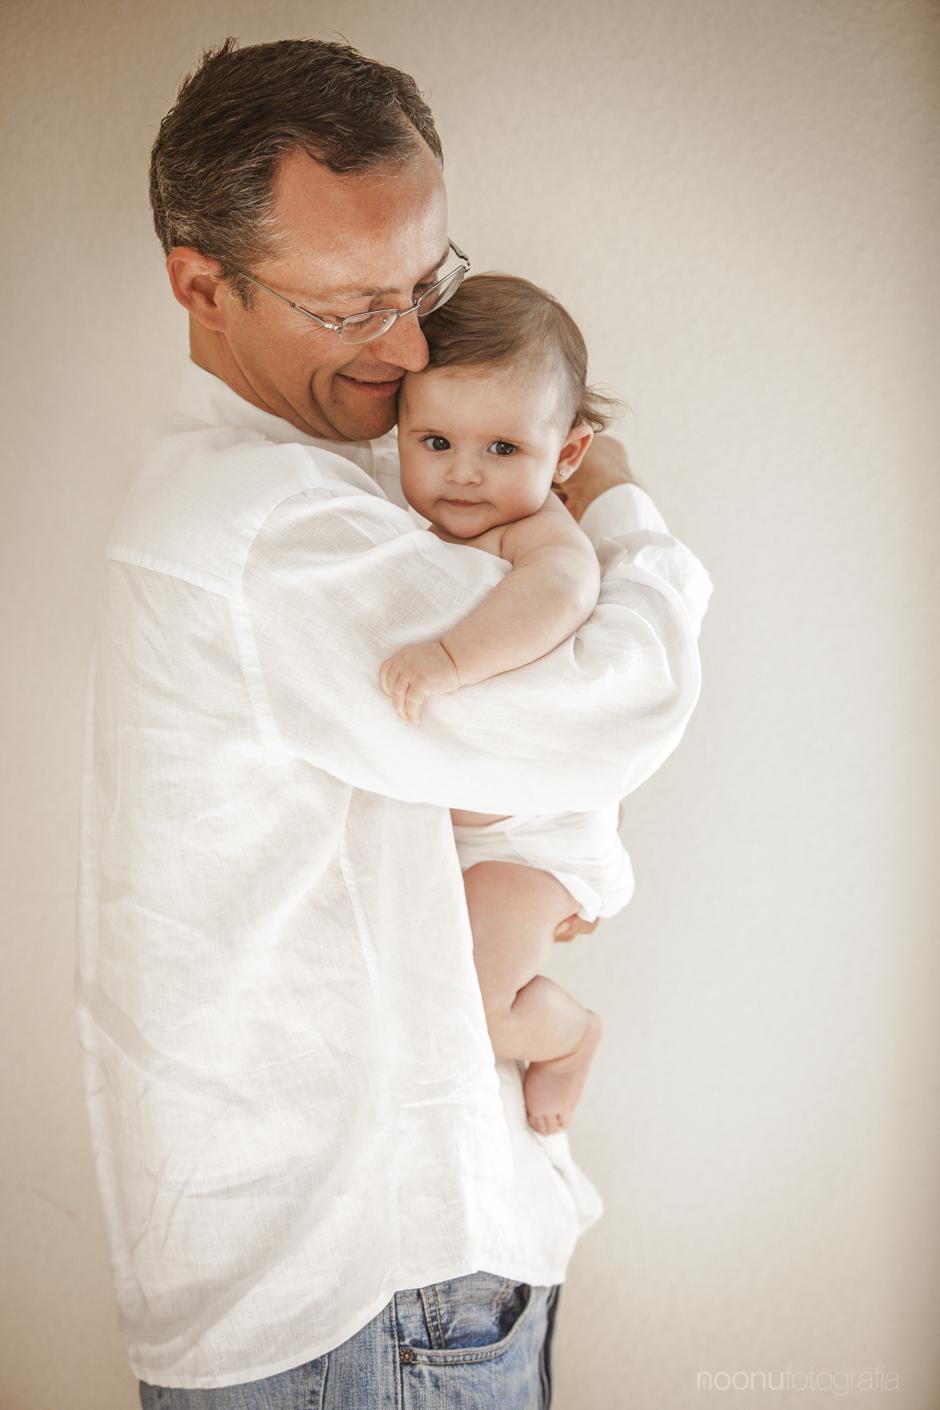 Noonu-fotografos-de-bebes-madrid-alejandra 3-2